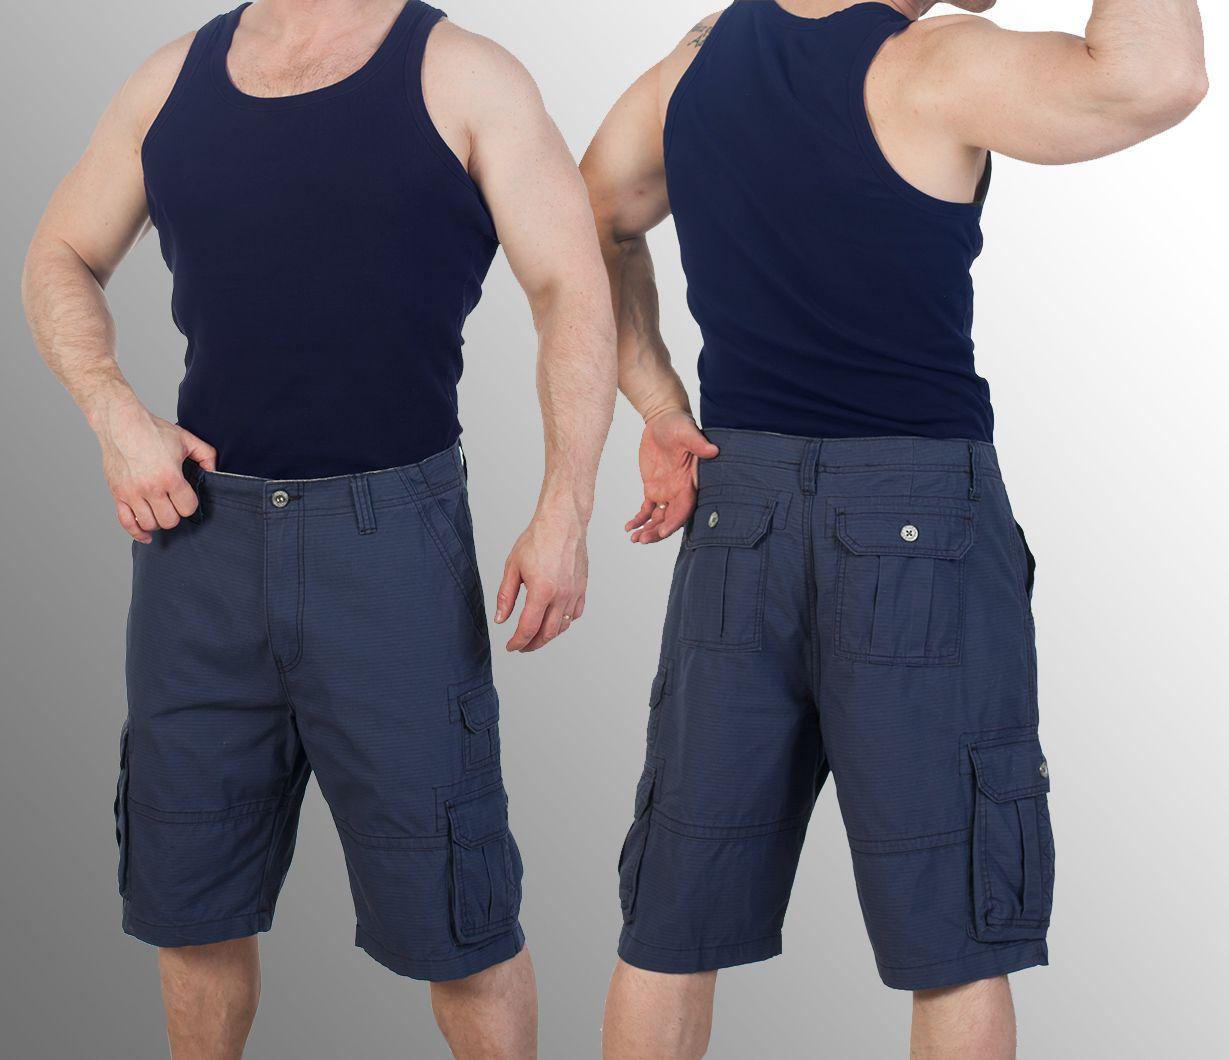 Городские шорты - заказать онлайн недорого